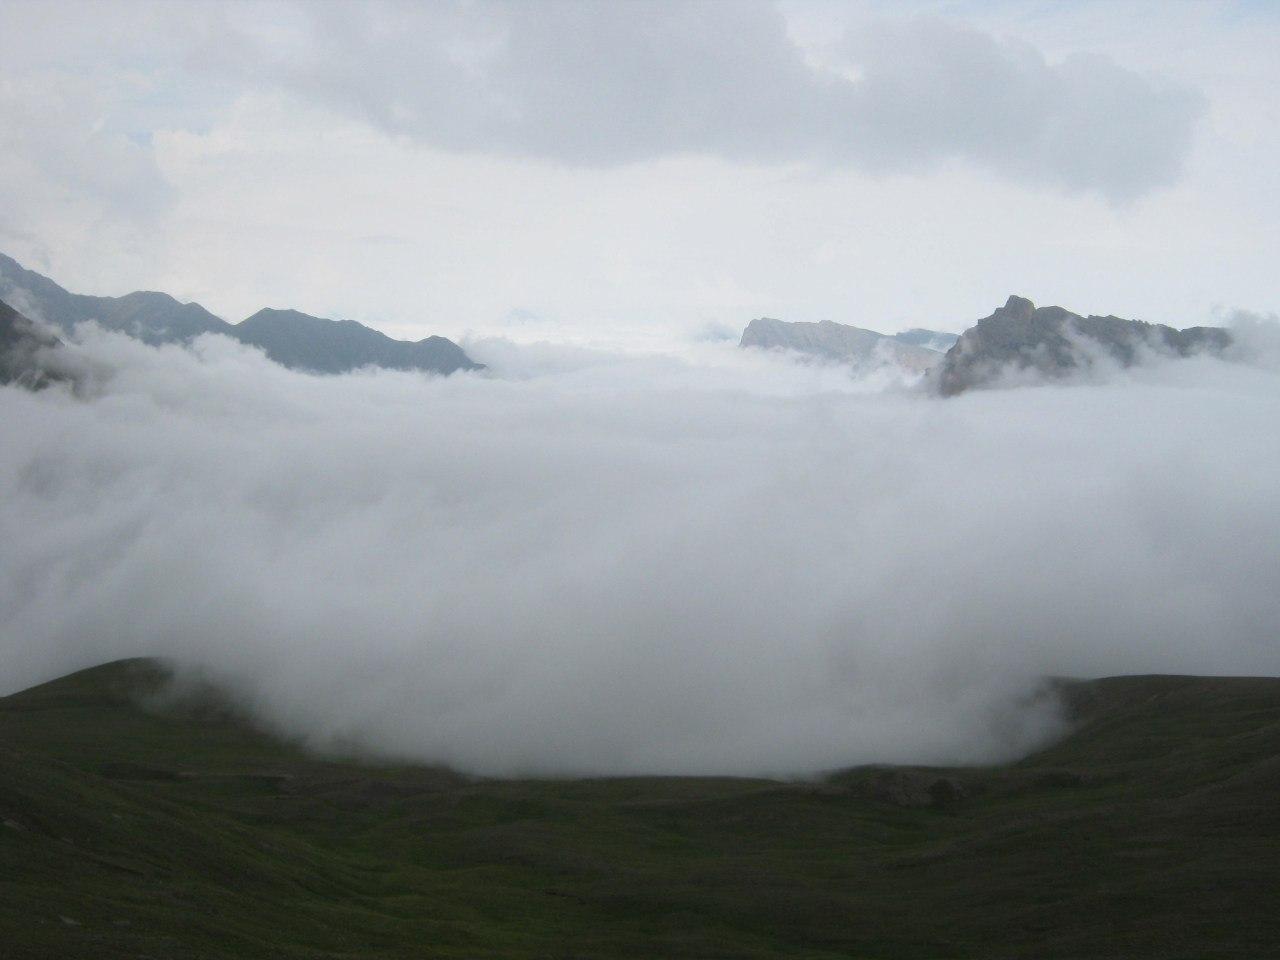 Через перевал из Кабардино-Балкарии в Северную Осетию